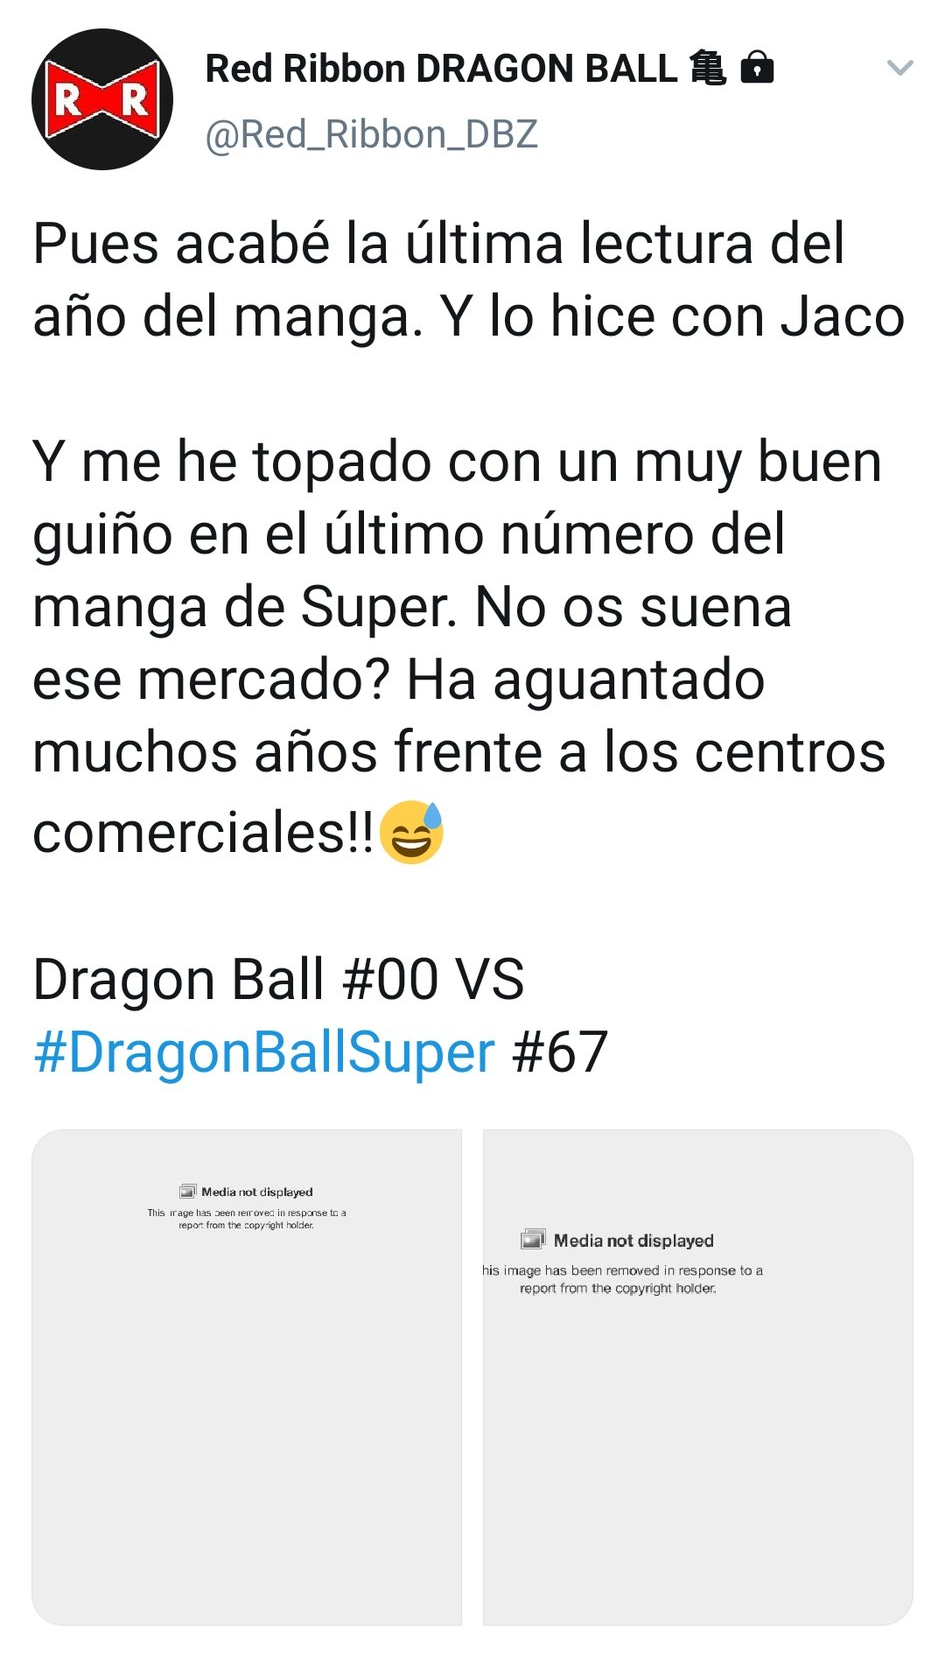 DMCA jogi követelések Twitteren Dragon Ball és egyéb anime tartalmak ellen 2